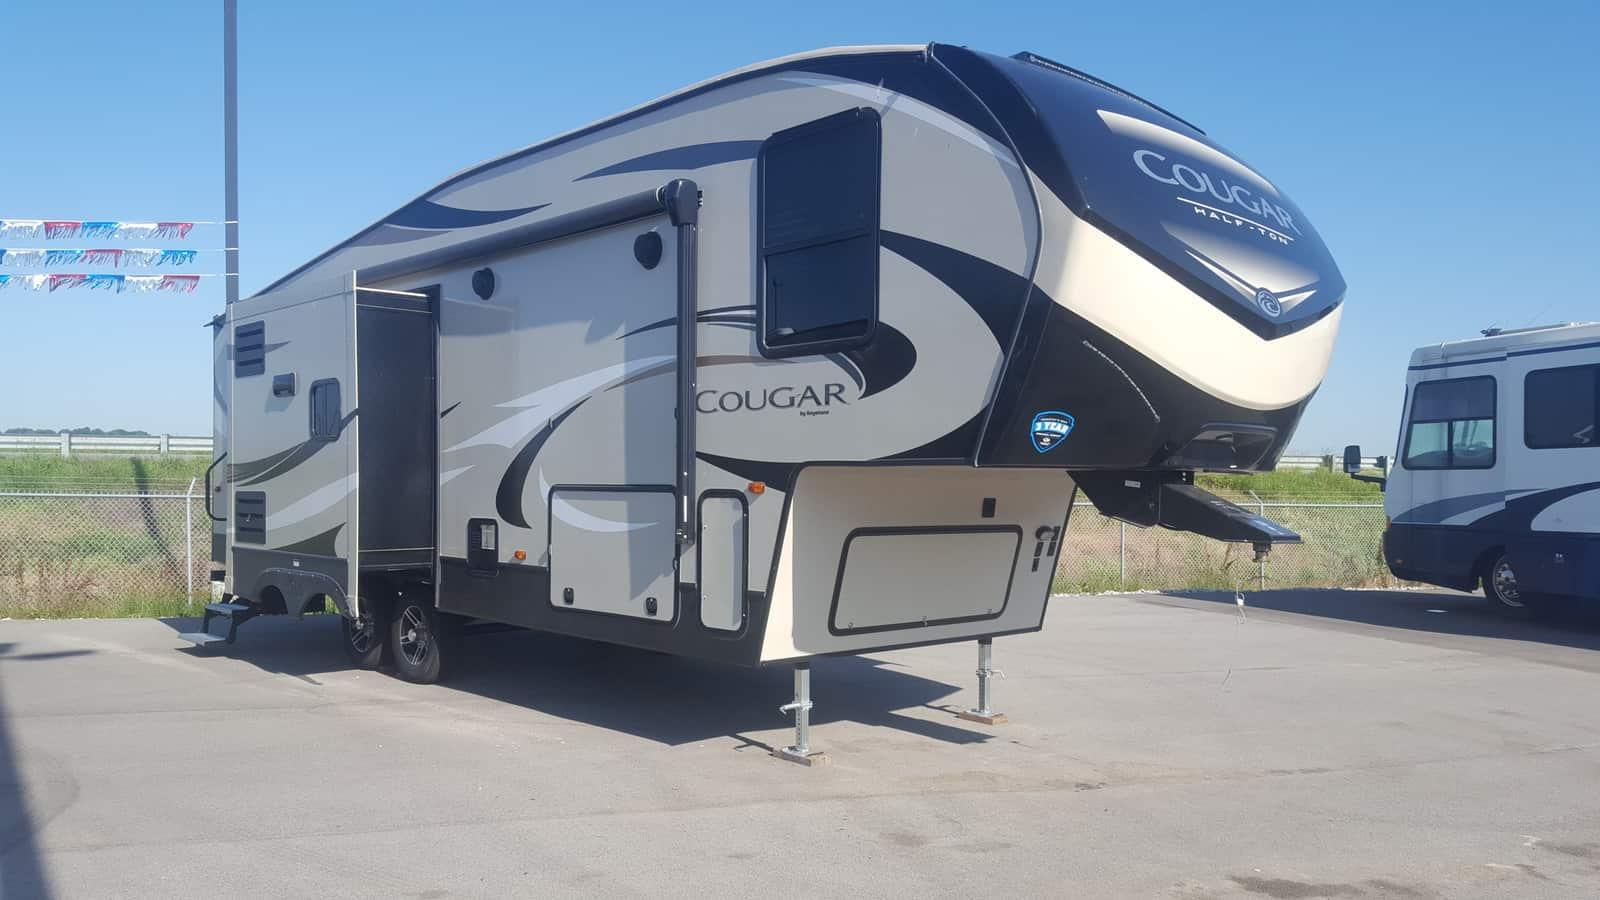 NEW 2019 Keystone COUGAR HALF-TON 27RLS - American RV